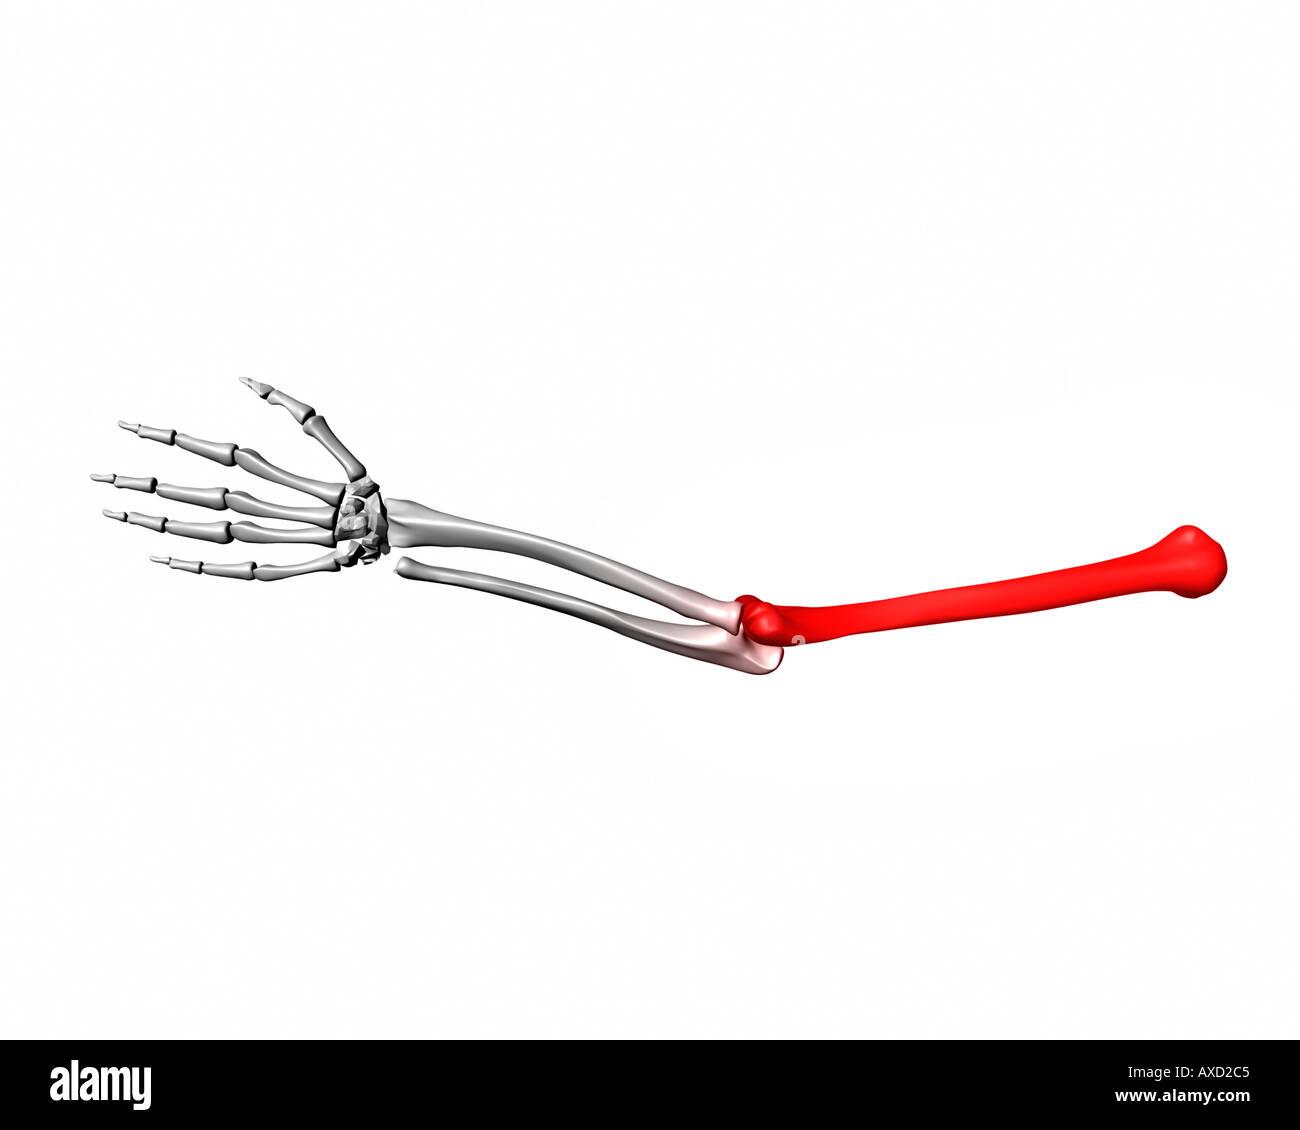 Humorus Knochen rot markiert auf menschlichen arm Stockfoto, Bild ...